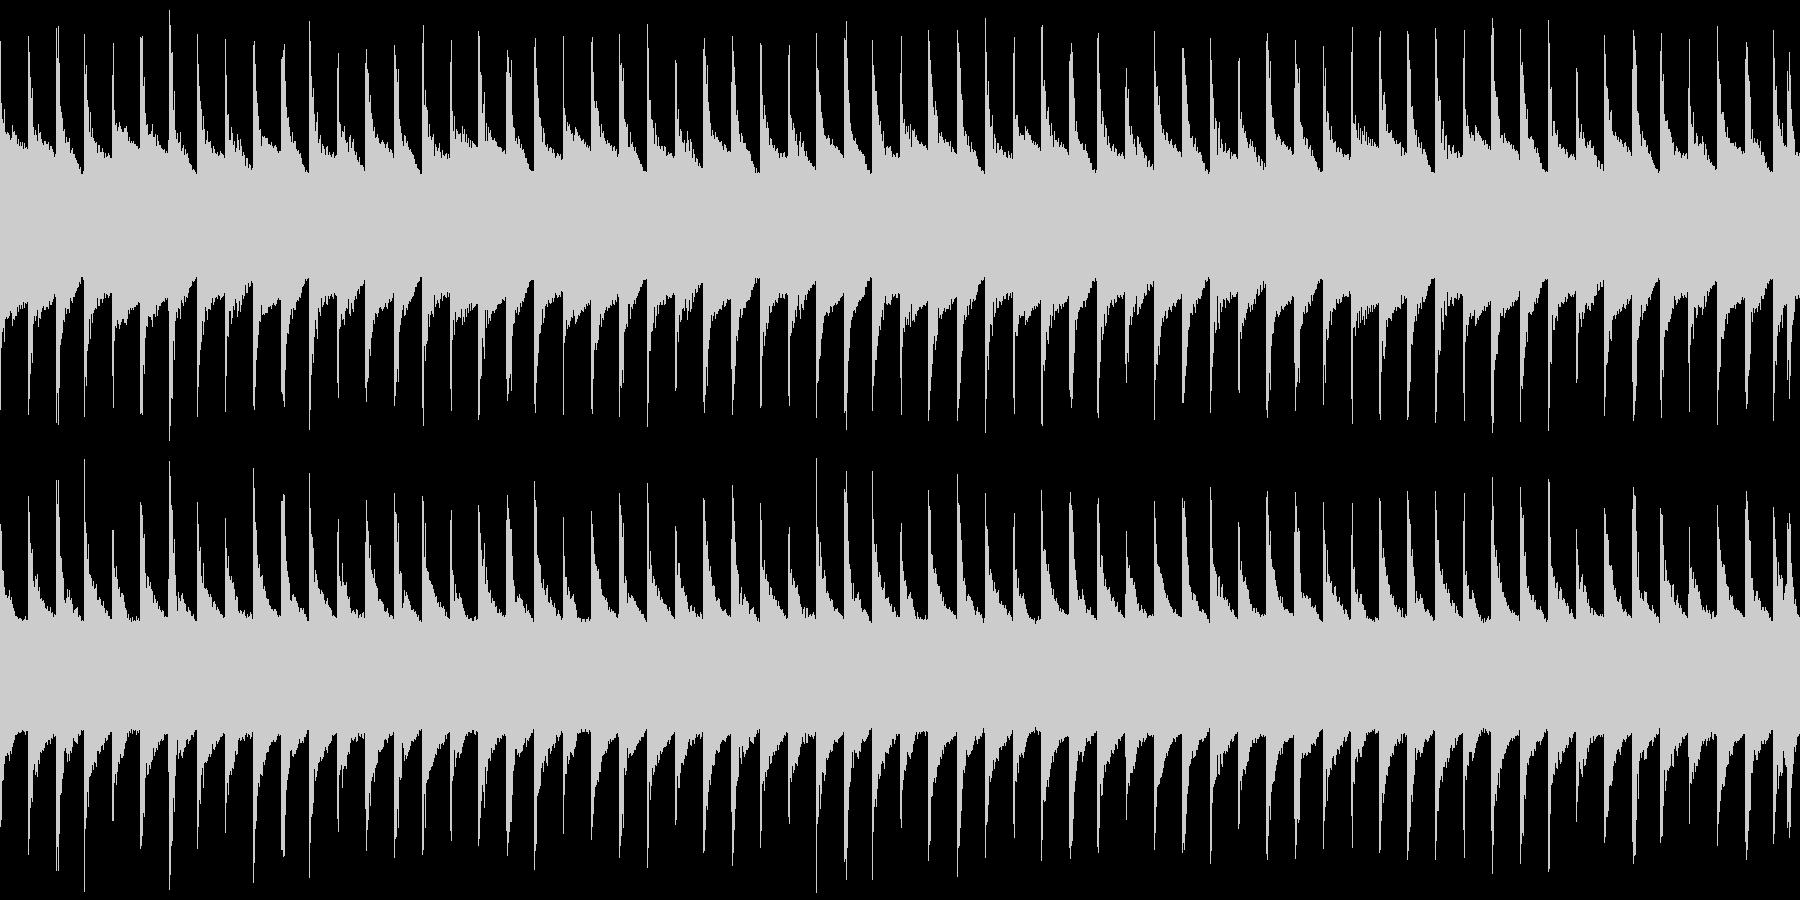 マップ画面・ロボットループ・単調シンセの未再生の波形